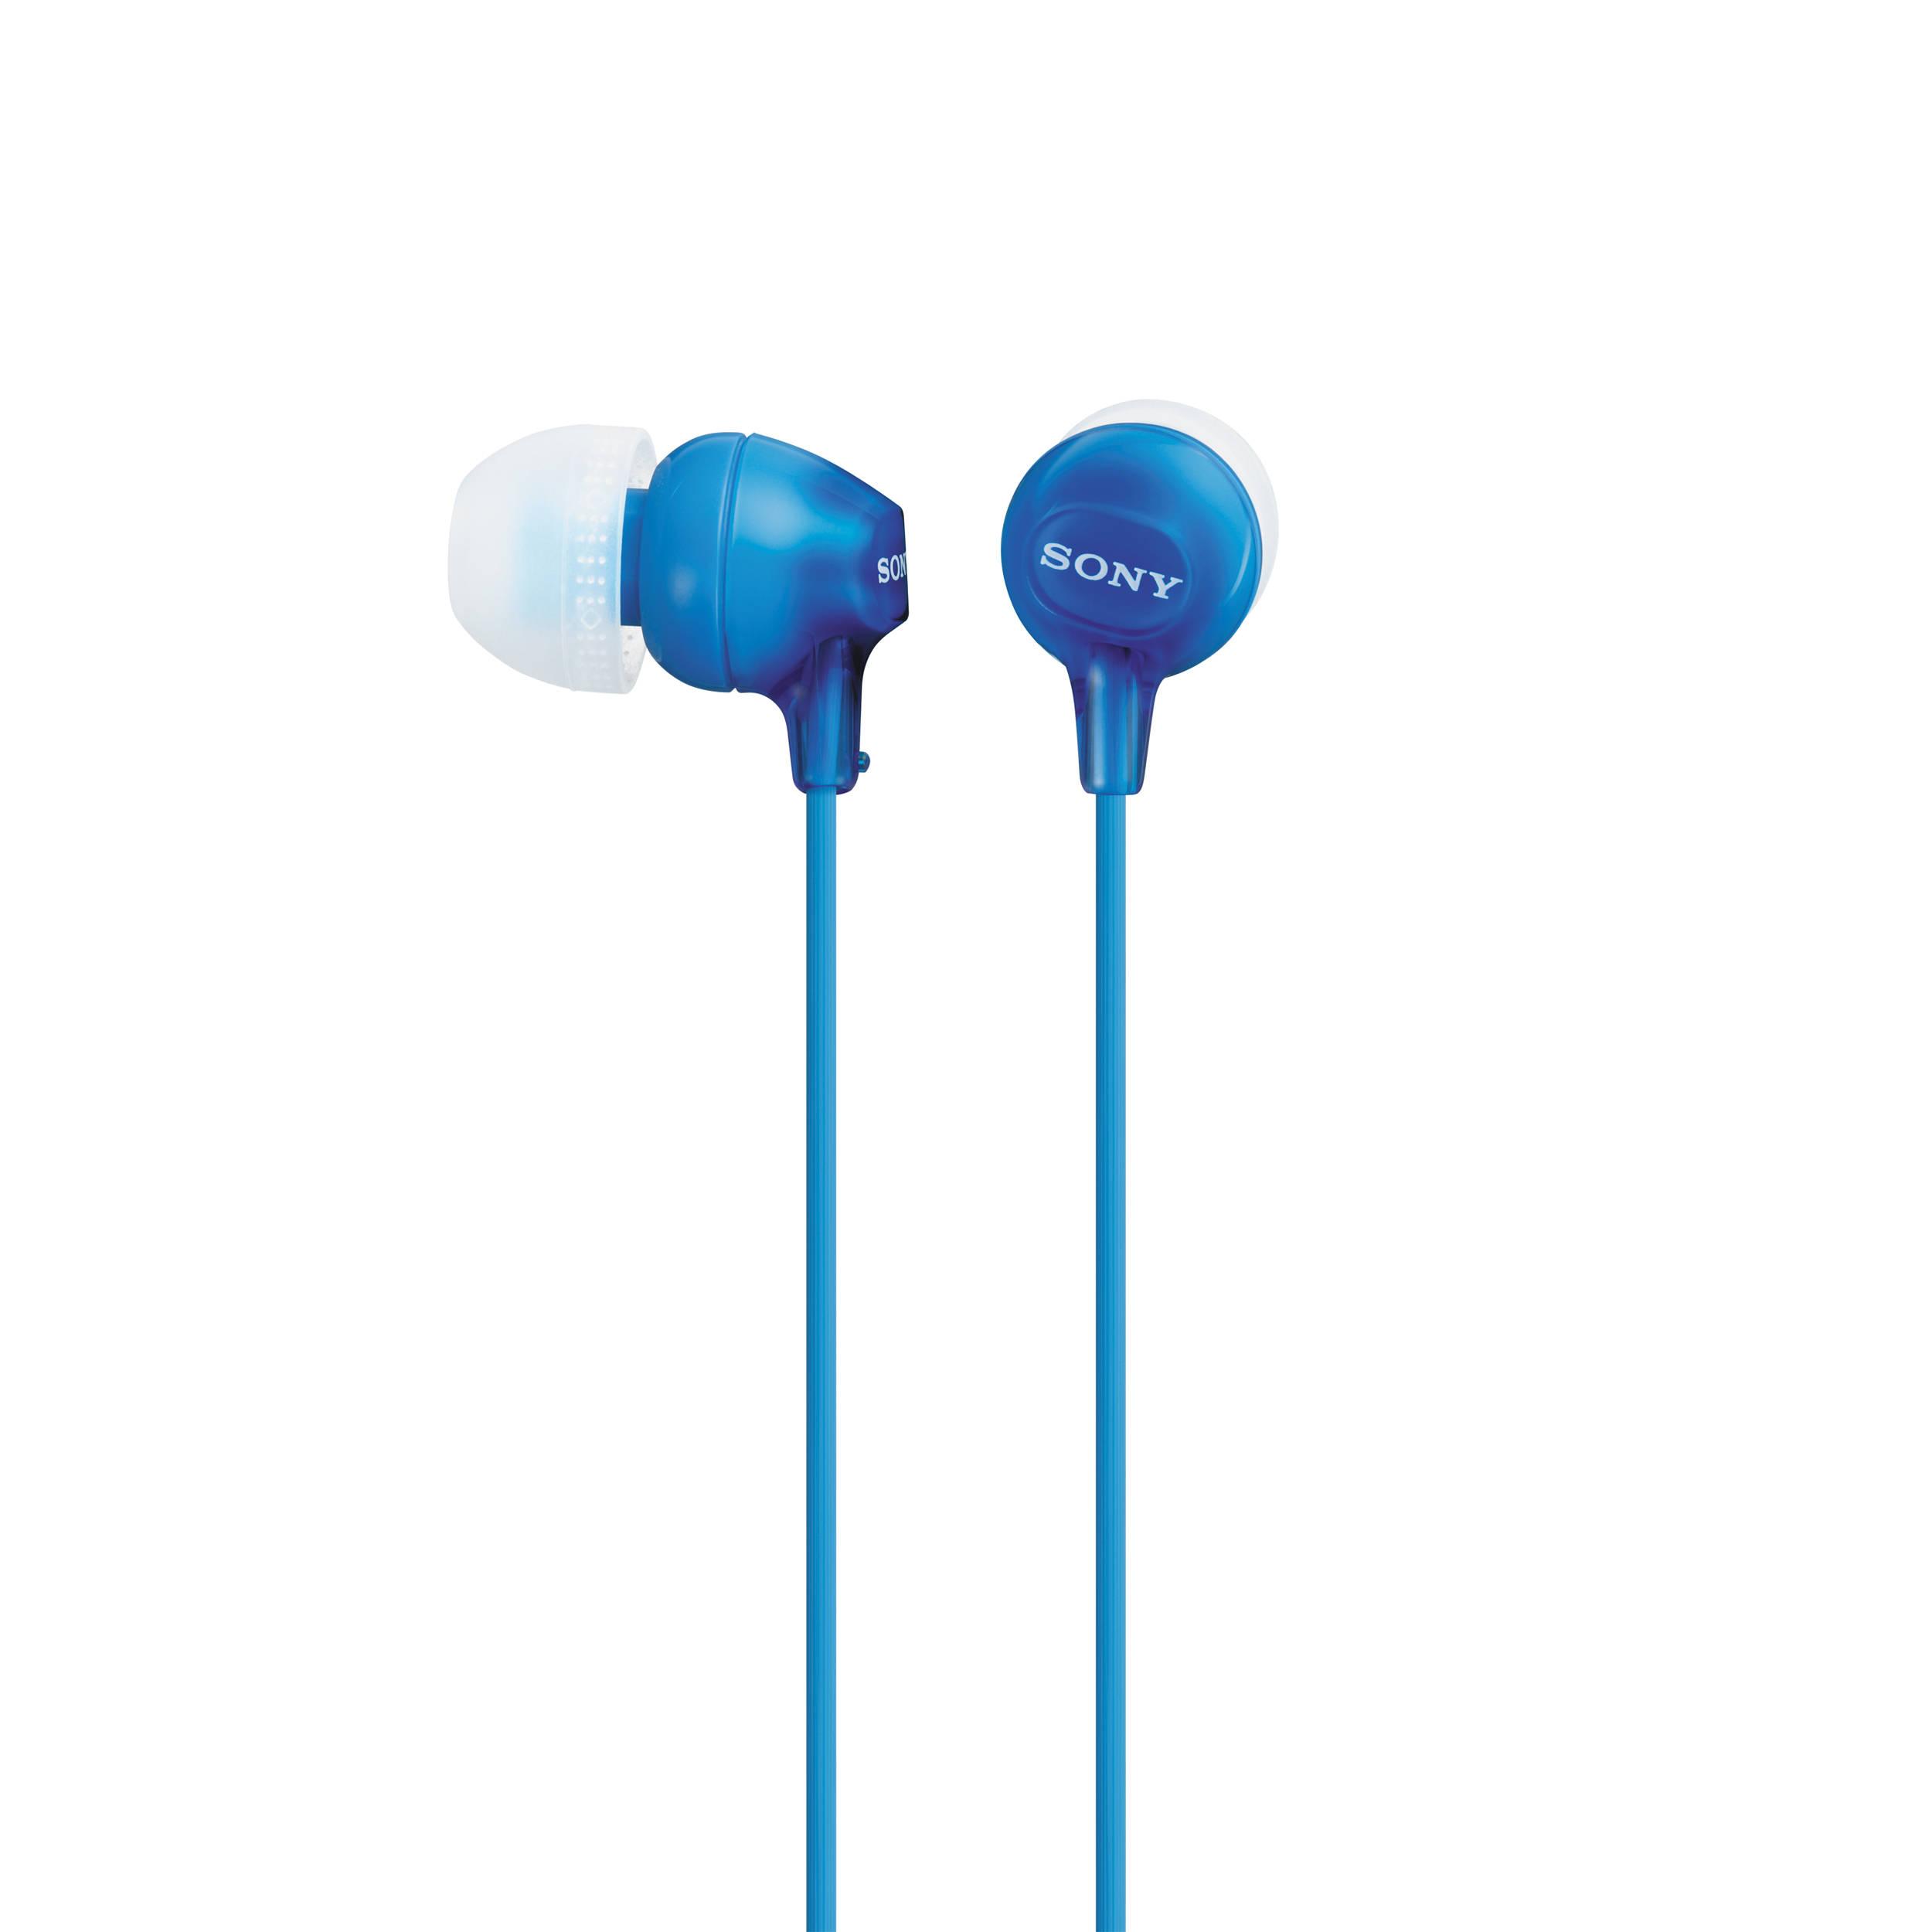 Sony MDR-EX15LP In-Ear Headphones Image